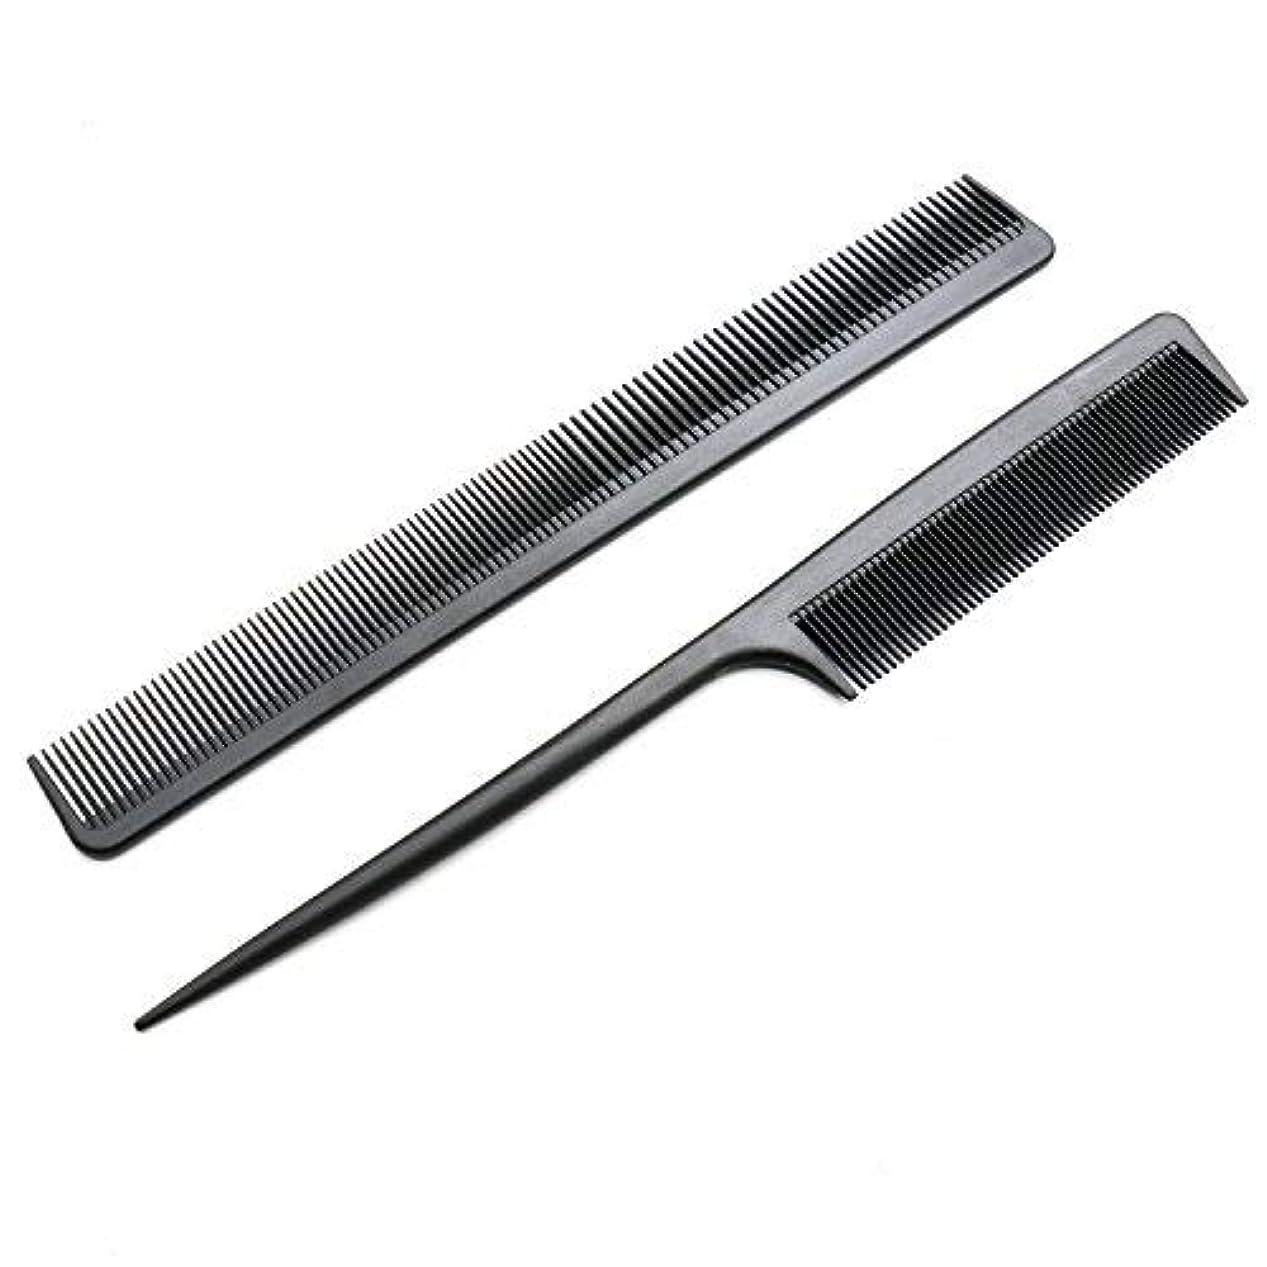 頼るディスコ不安2 Pack Carbon Fiber Anti Static Chemical And Heat Resistant Tail Comb For All Hair Types,Black [並行輸入品]